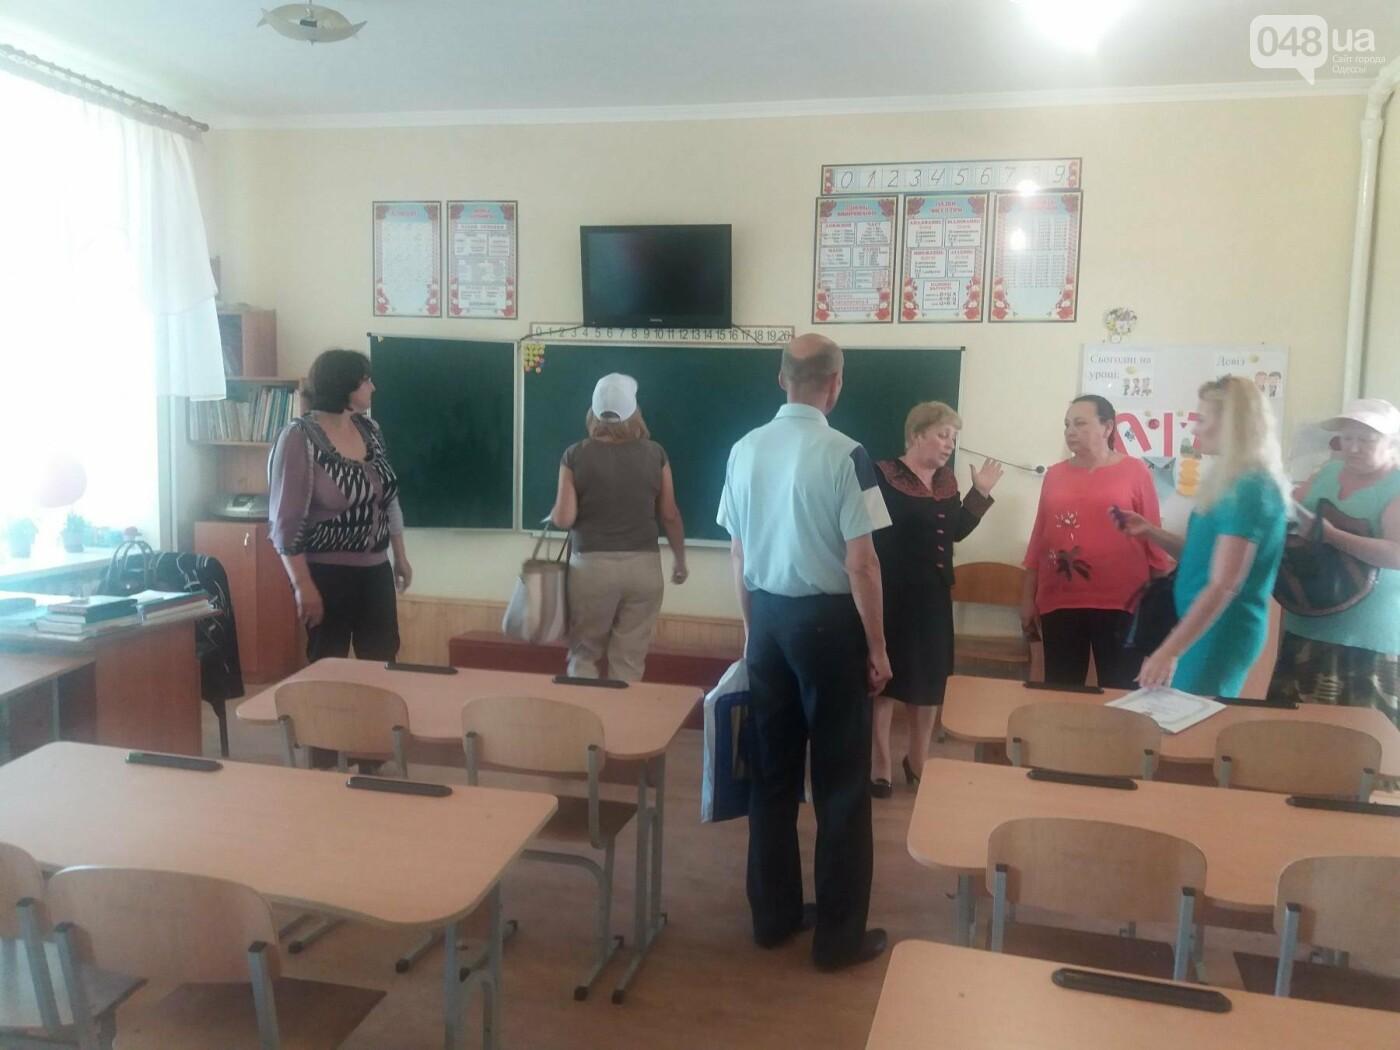 Децентрализация в действии: опыт Европы и радость первым собственным успехам в Одесской области, - ФОТО, фото-3